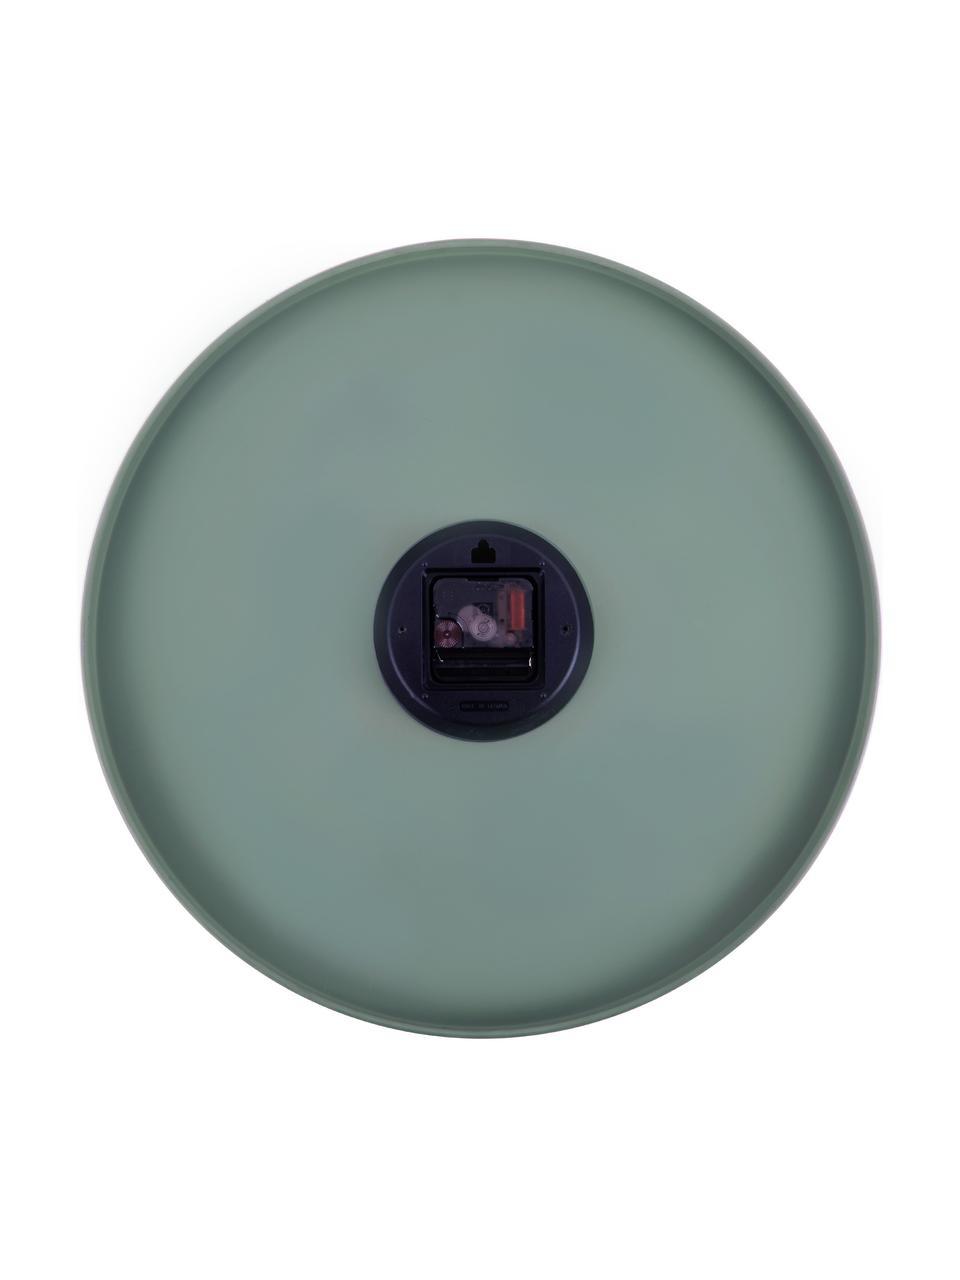 XL Wanduhr Charm, Metall, beschichtet, Grün, Ø 45 cm